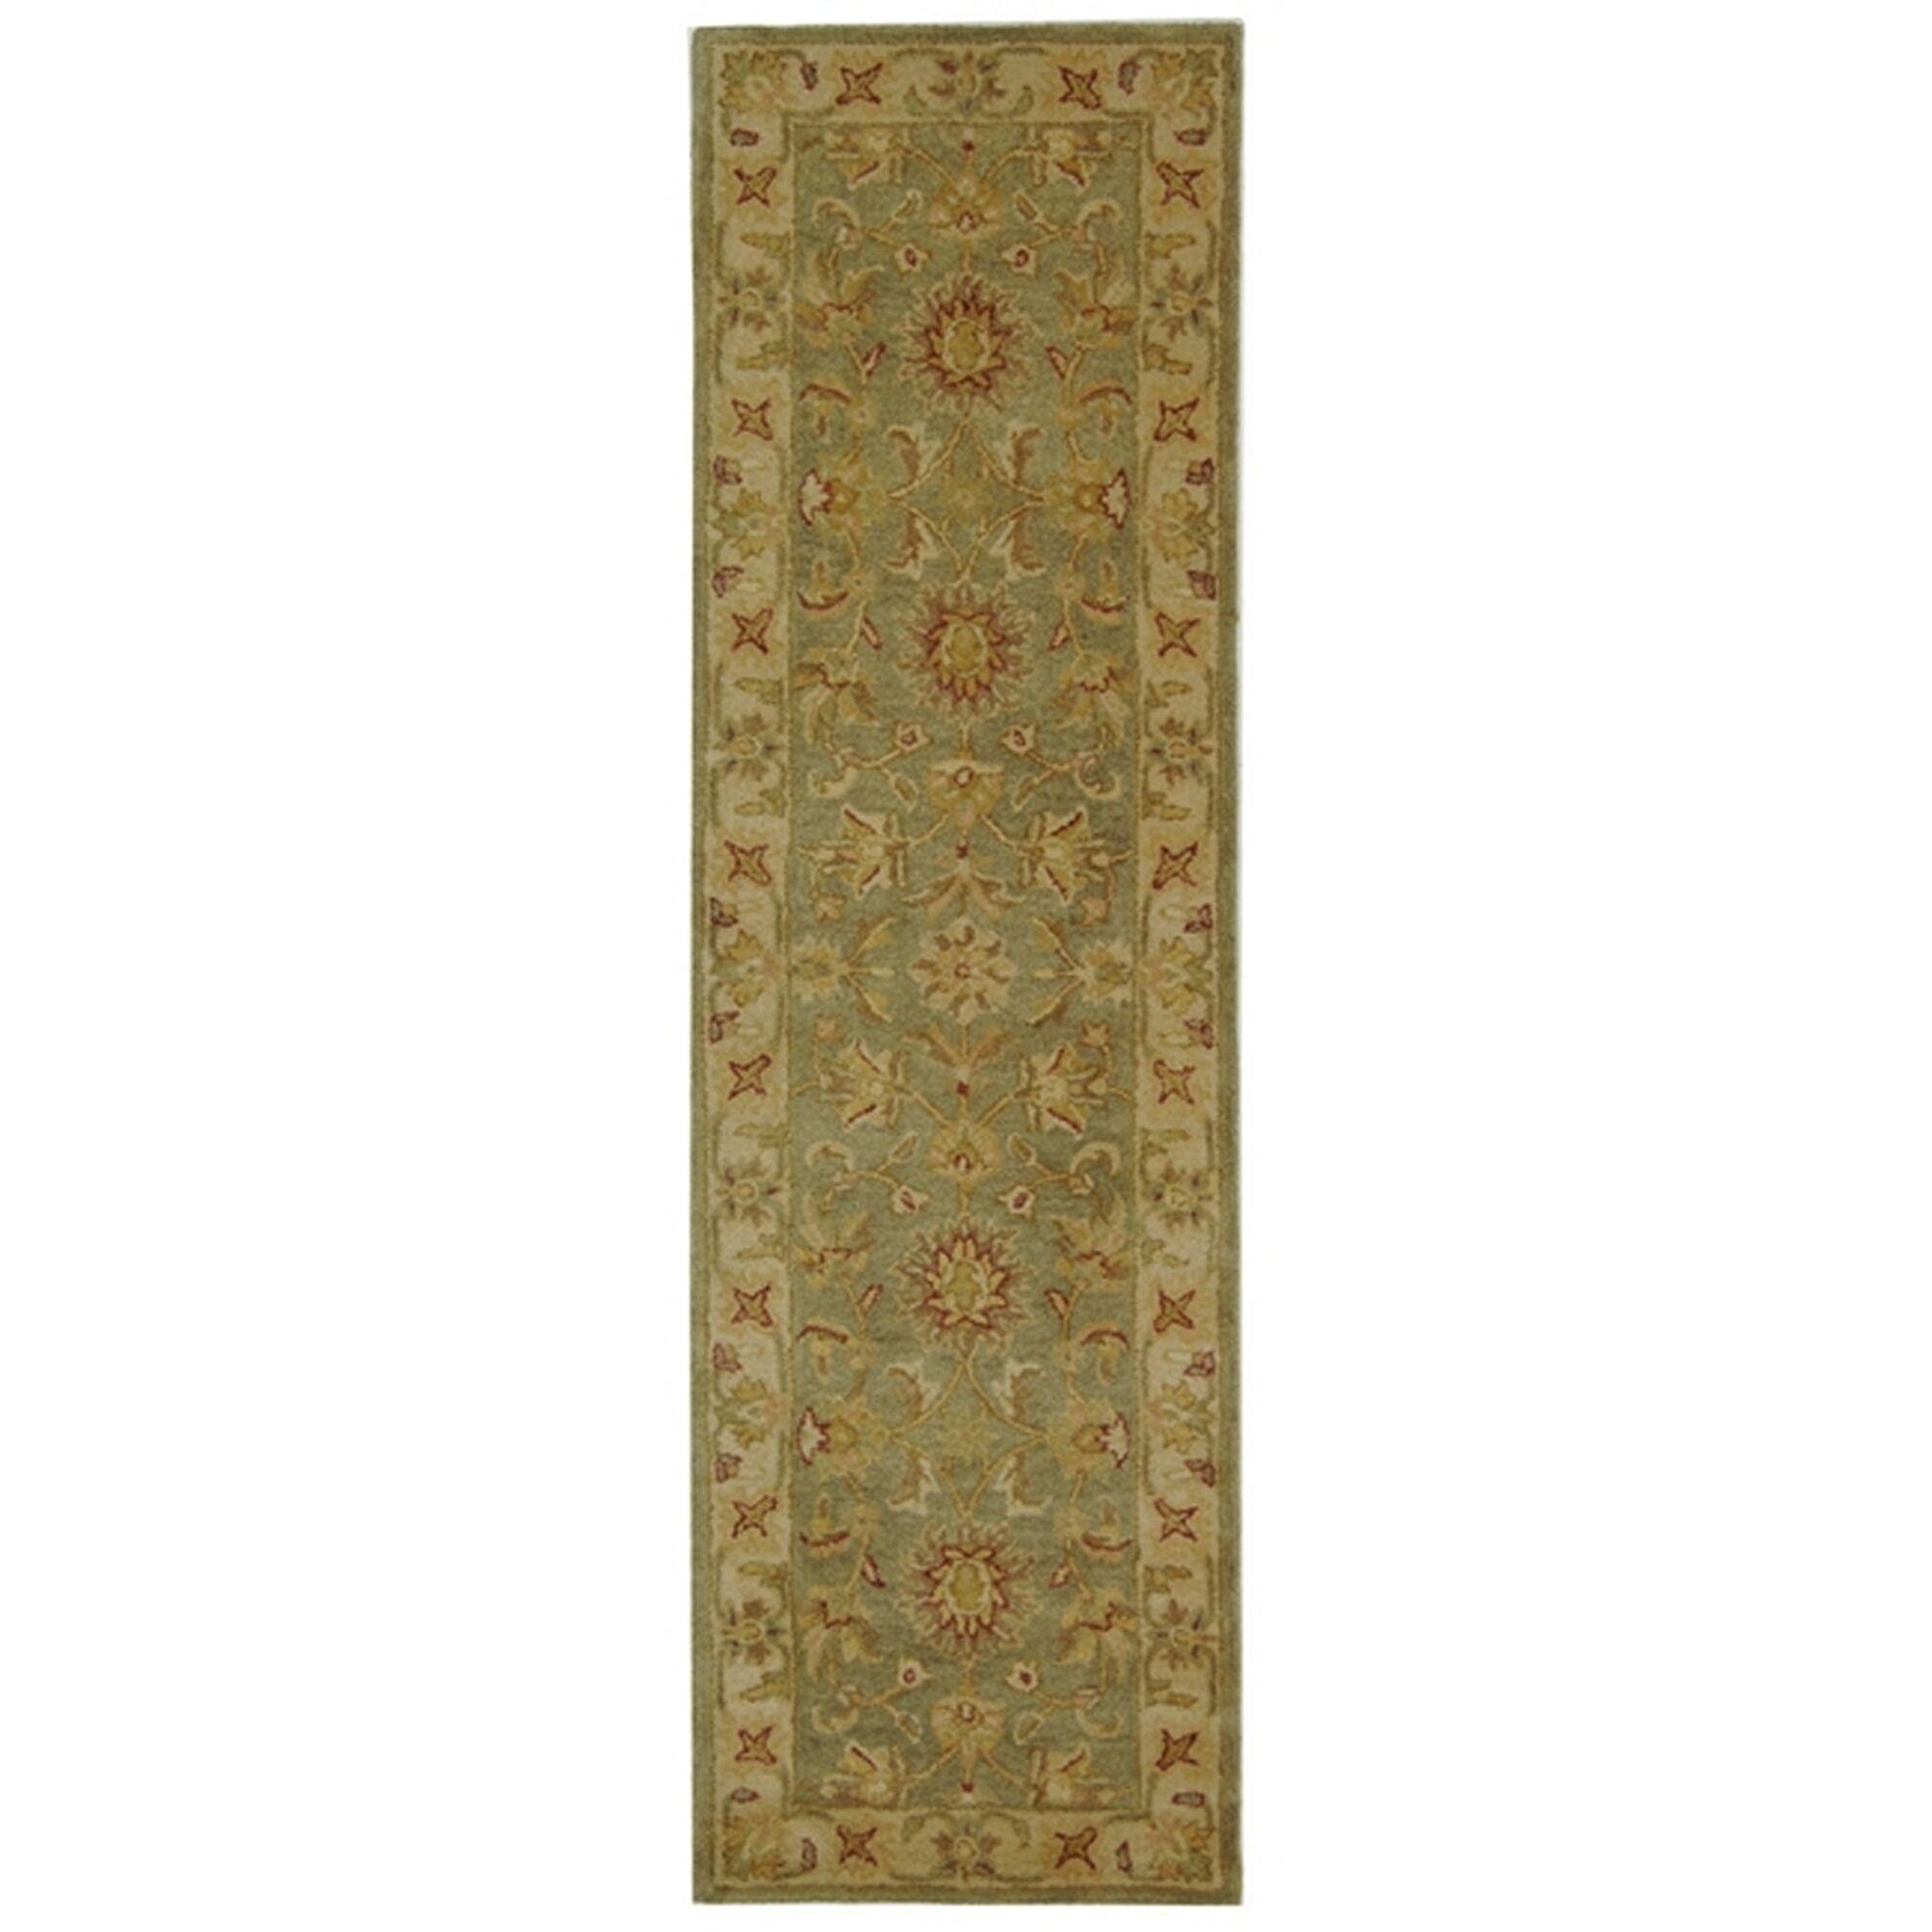 Dunbar Hand-Woven Wool Moss Green/Gold Area Rug Rug Size: Runner 2'3